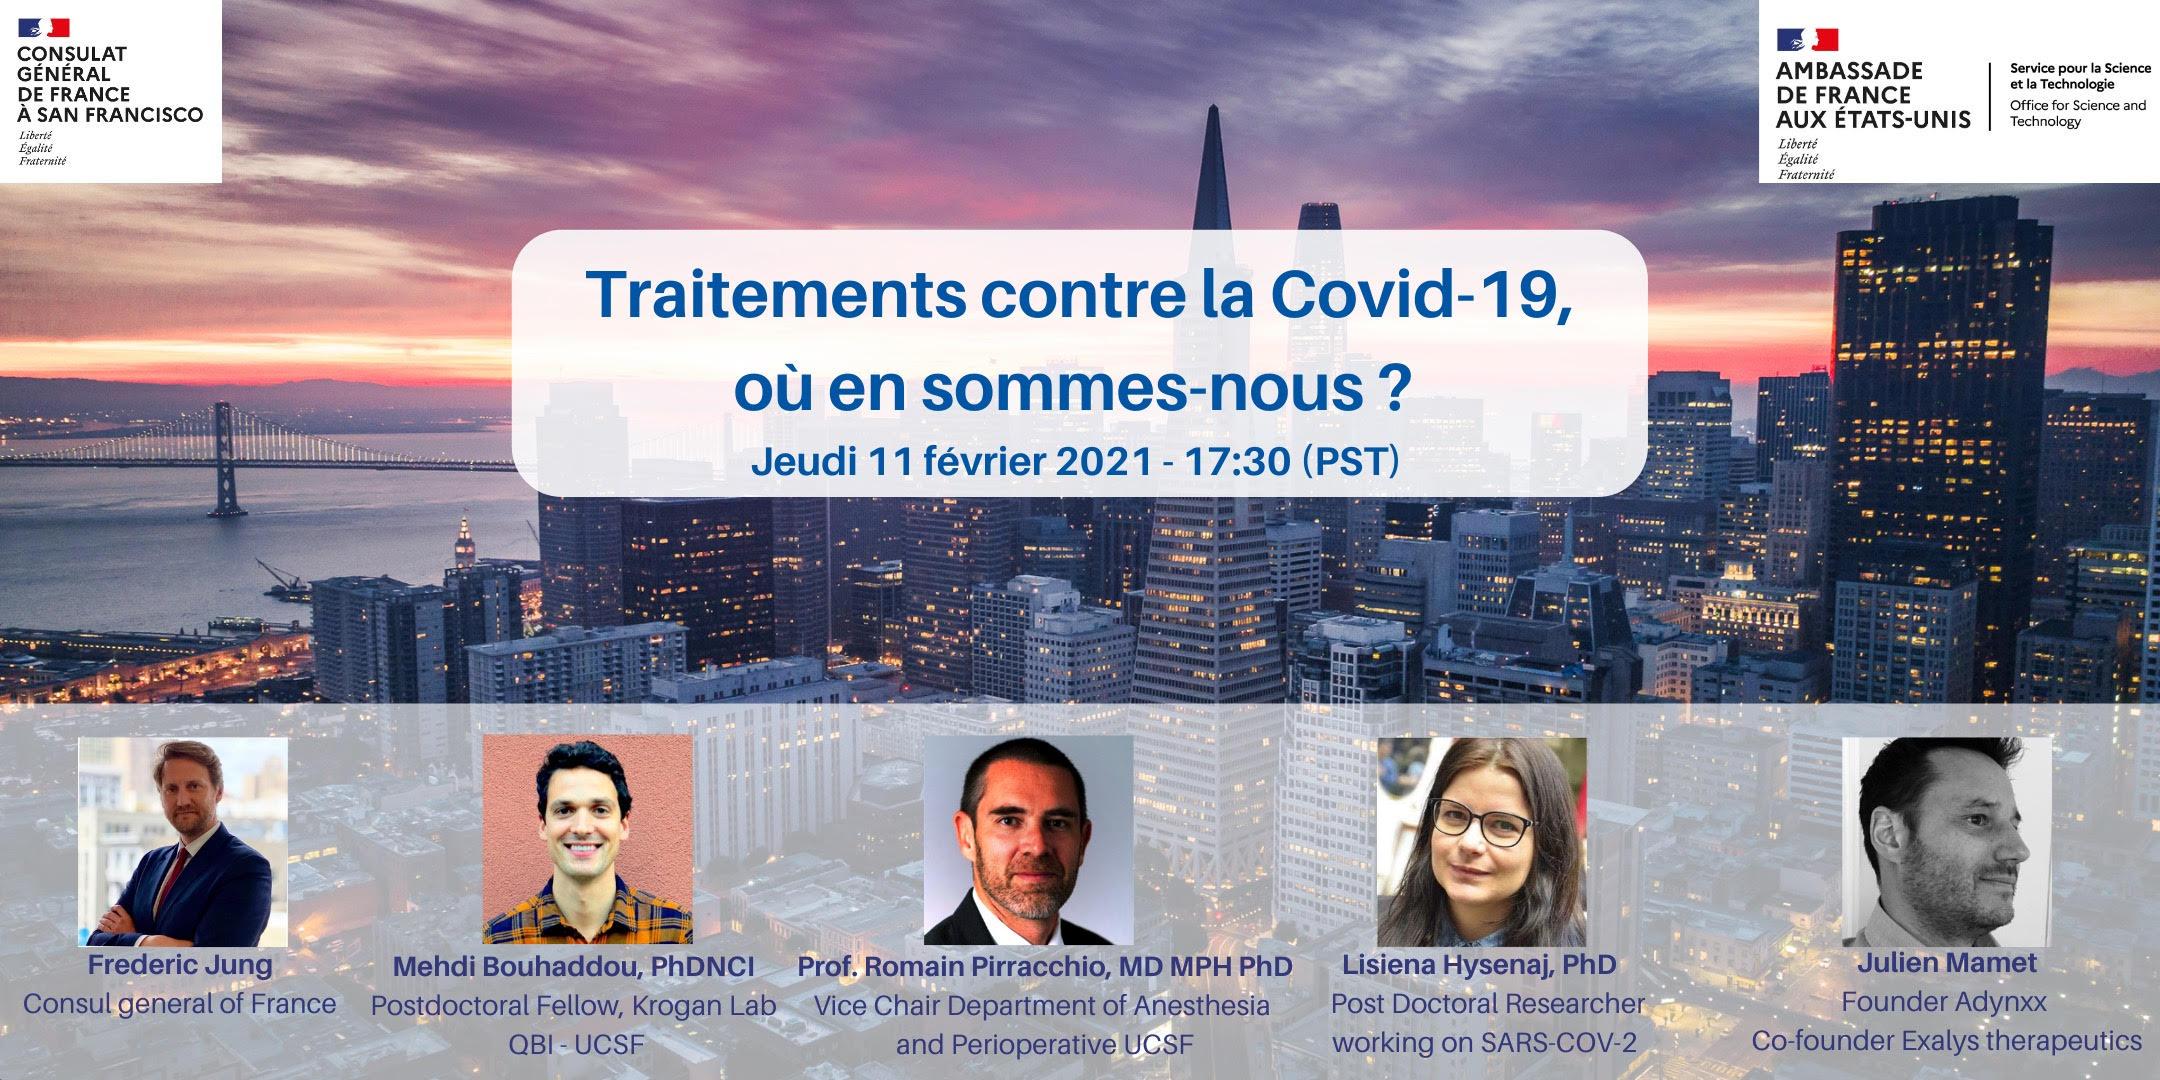 Retrouvez en vidéo notre conférence interactive autour des traitements contre la COVID-19 du 11 Février 2021